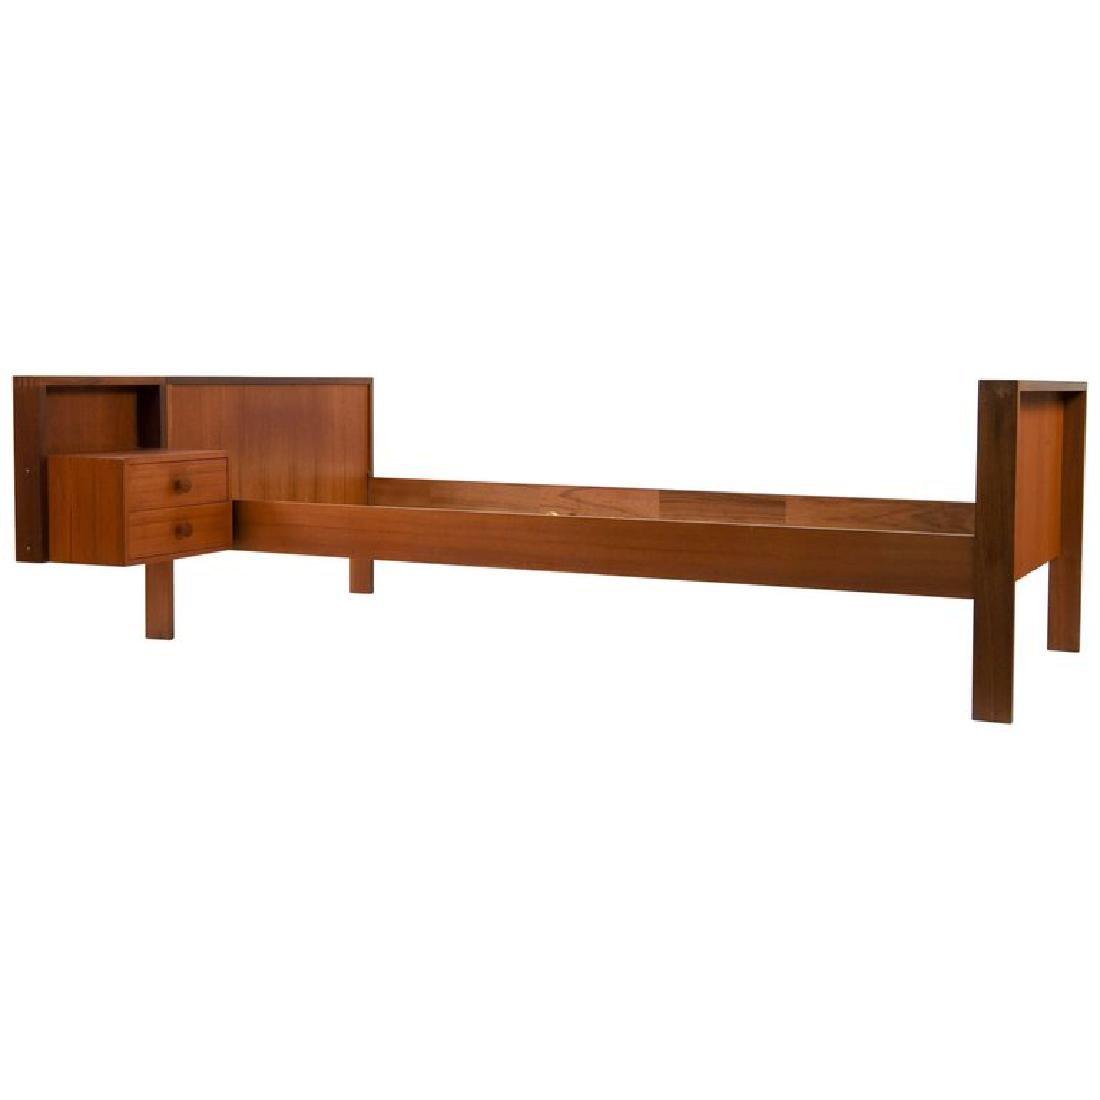 DANISH MID-CENTURY TEAK BED